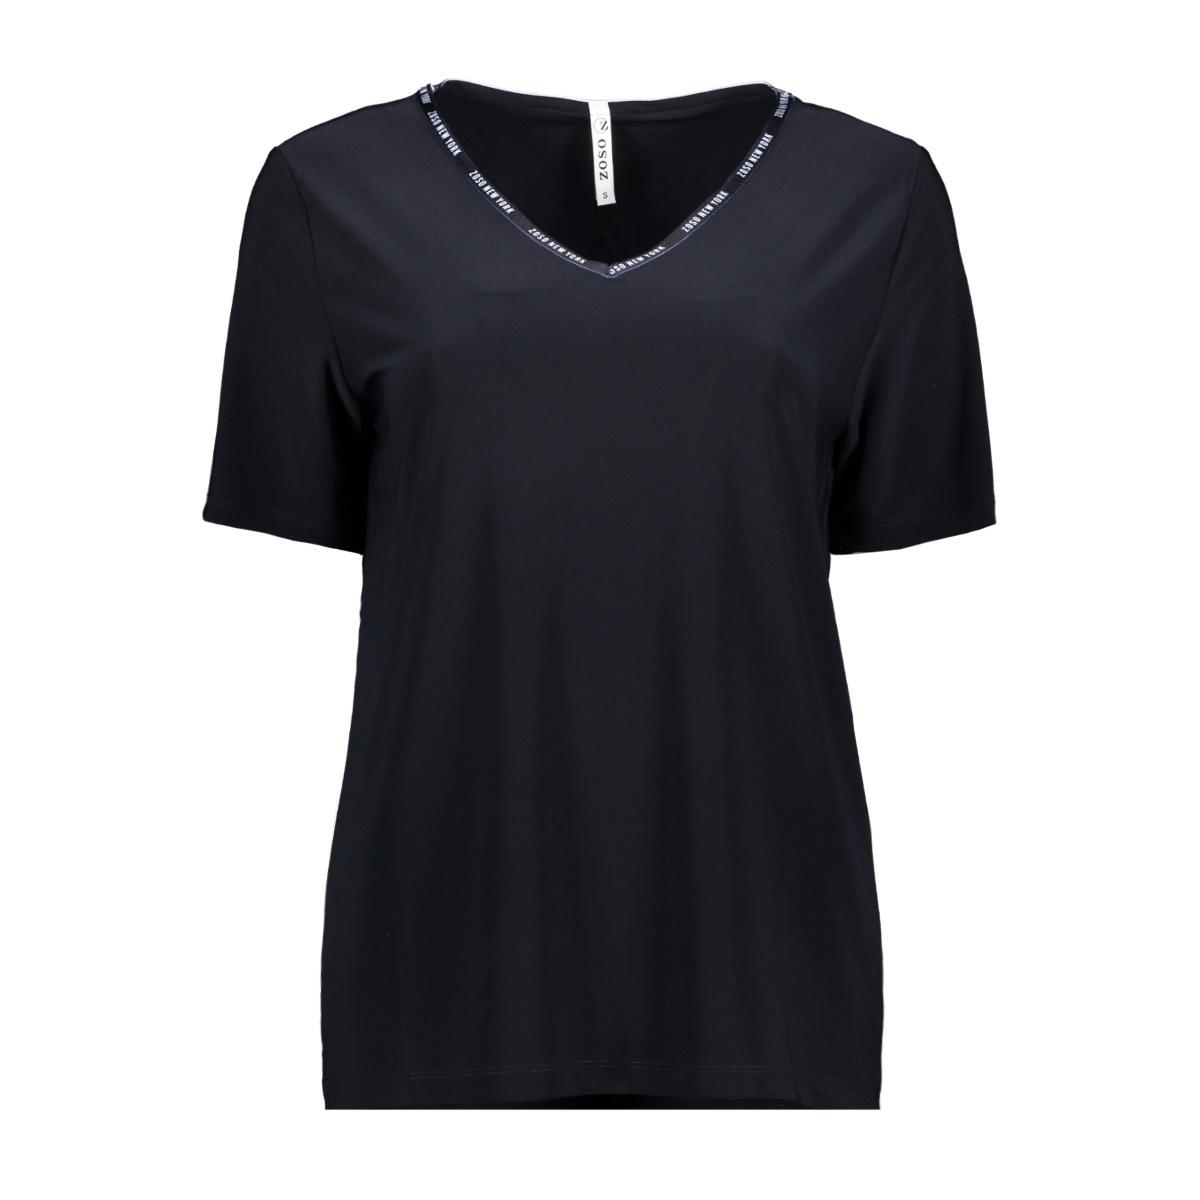 billy splendour top 192 zoso t-shirt navy